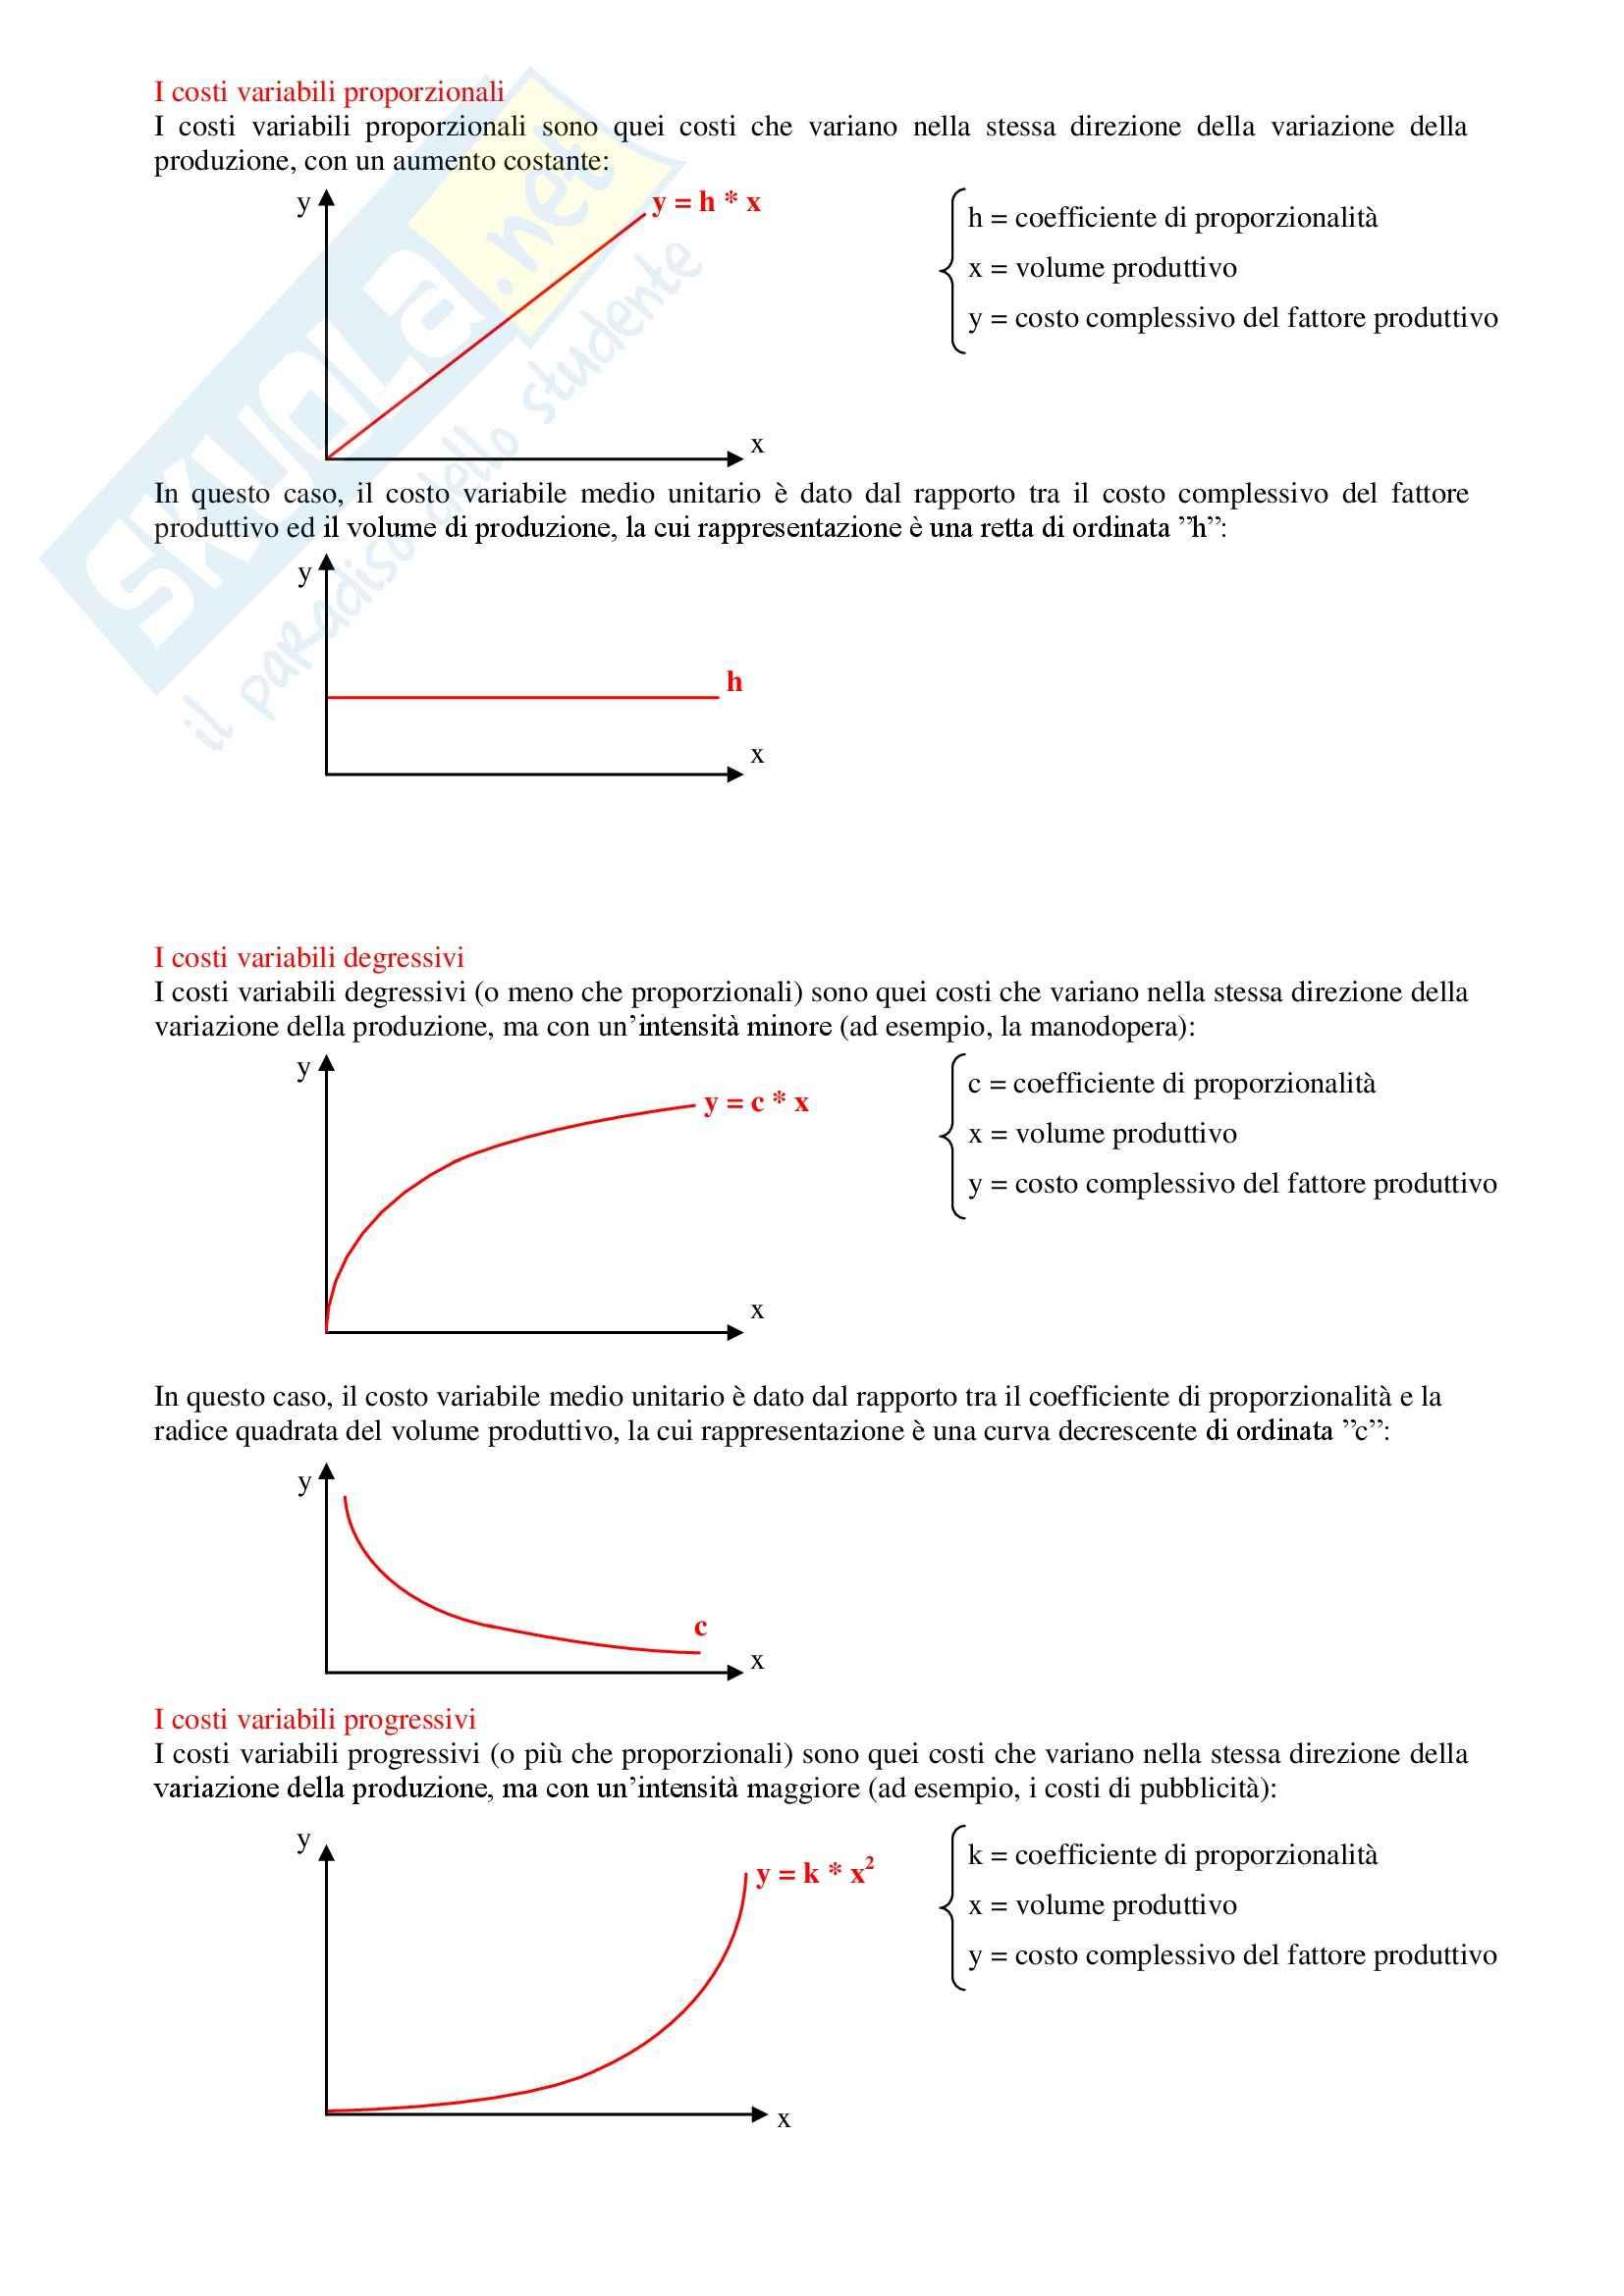 Contabilità generale e analitica - Riassunto esame tutto il programma, prof. Verdini Pag. 16